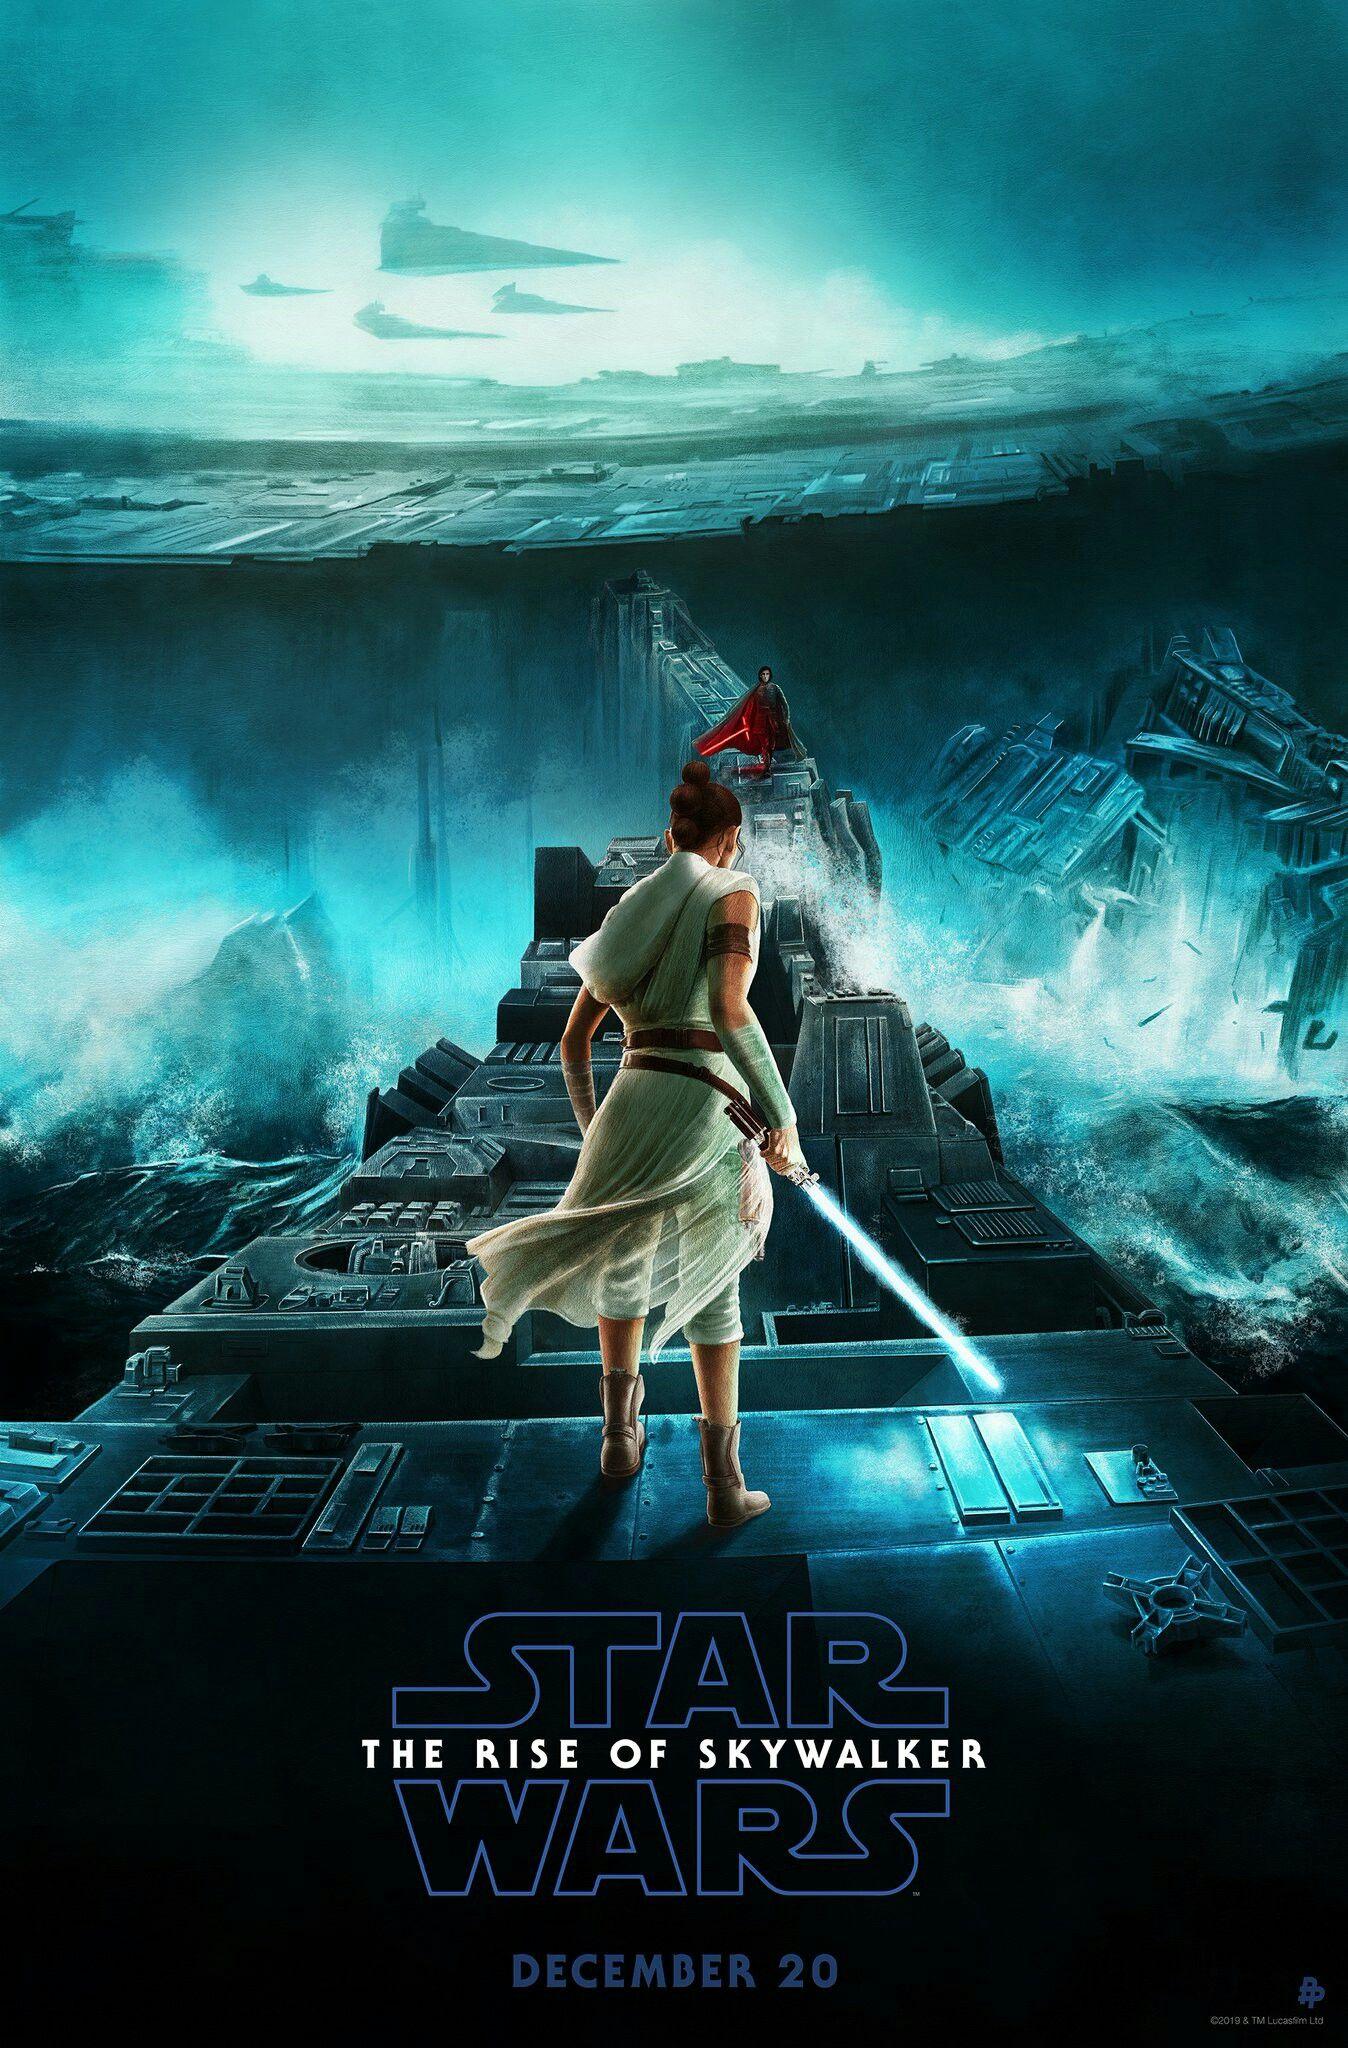 Rey Kylo Death Star Ii Rey Starwars Theriseofskywalker Star Wars Episodes Star Wars Watch Star Wars Movie